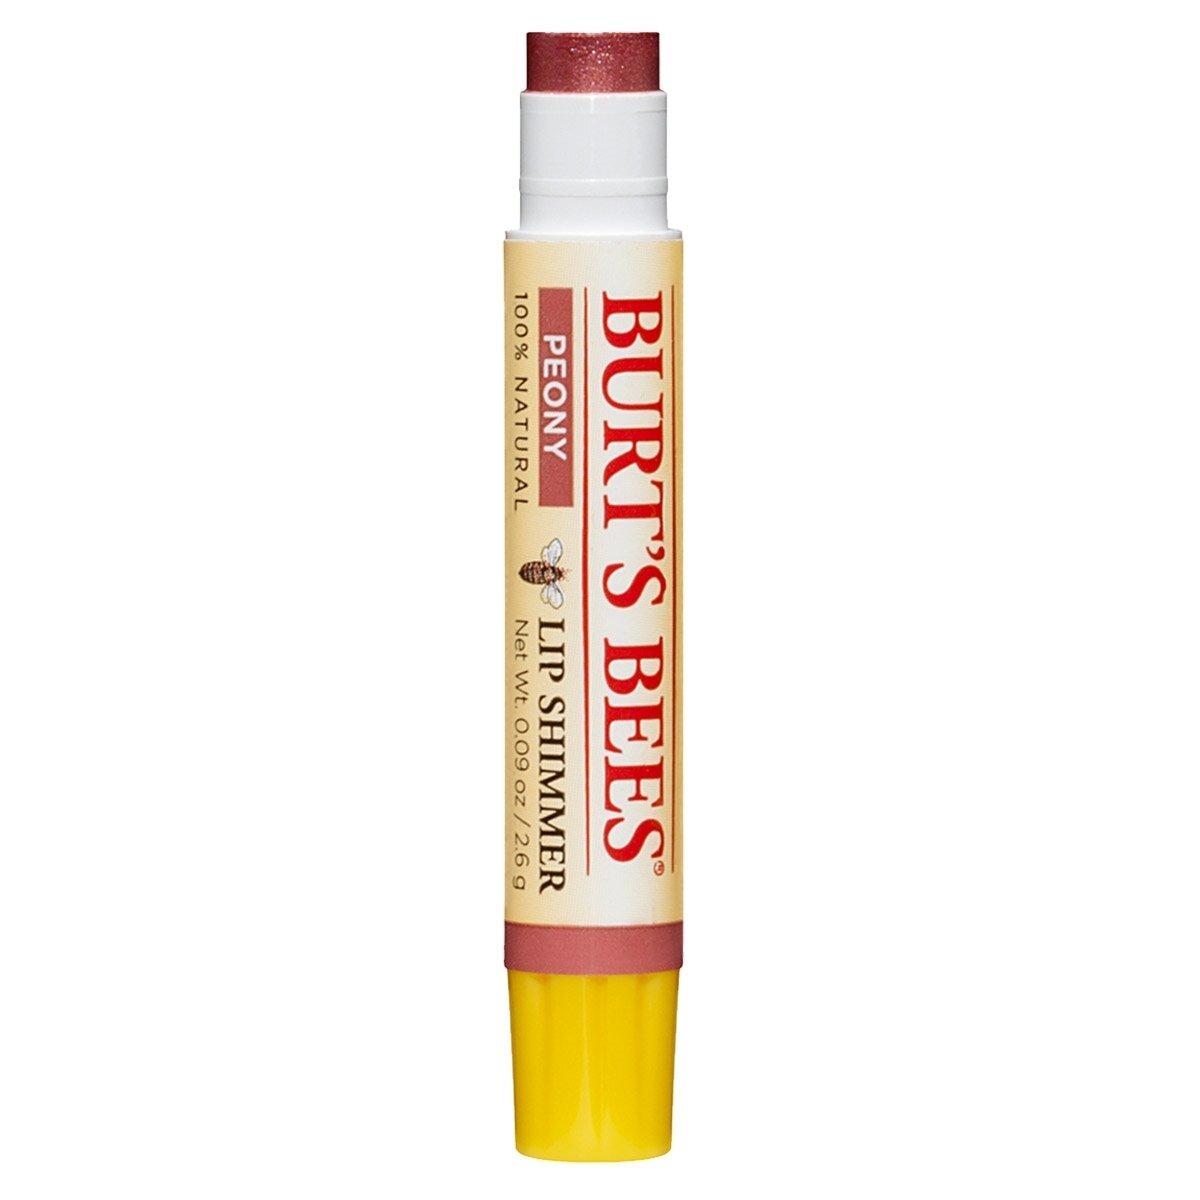 %100 Doğal Renk ve Işıltı Dudak Balmı Peony 2.6 gr